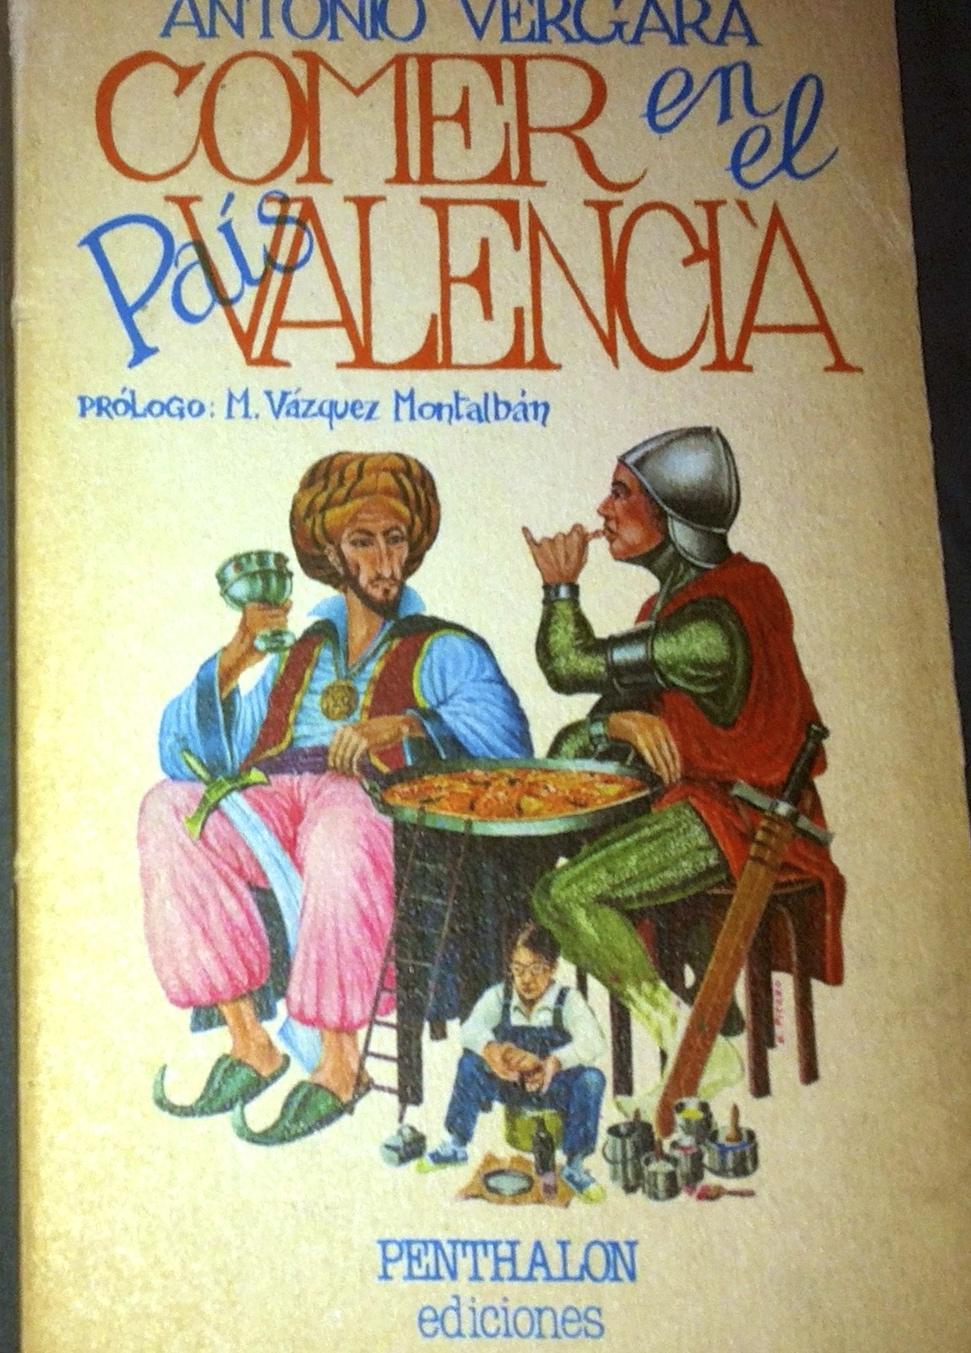 """Livre sur la Paella """"Comer en el Pais Valencia"""" d'Antonio Vergara"""